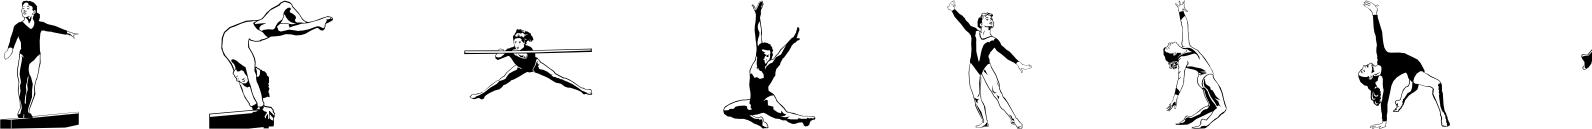 Polytype Sports IV